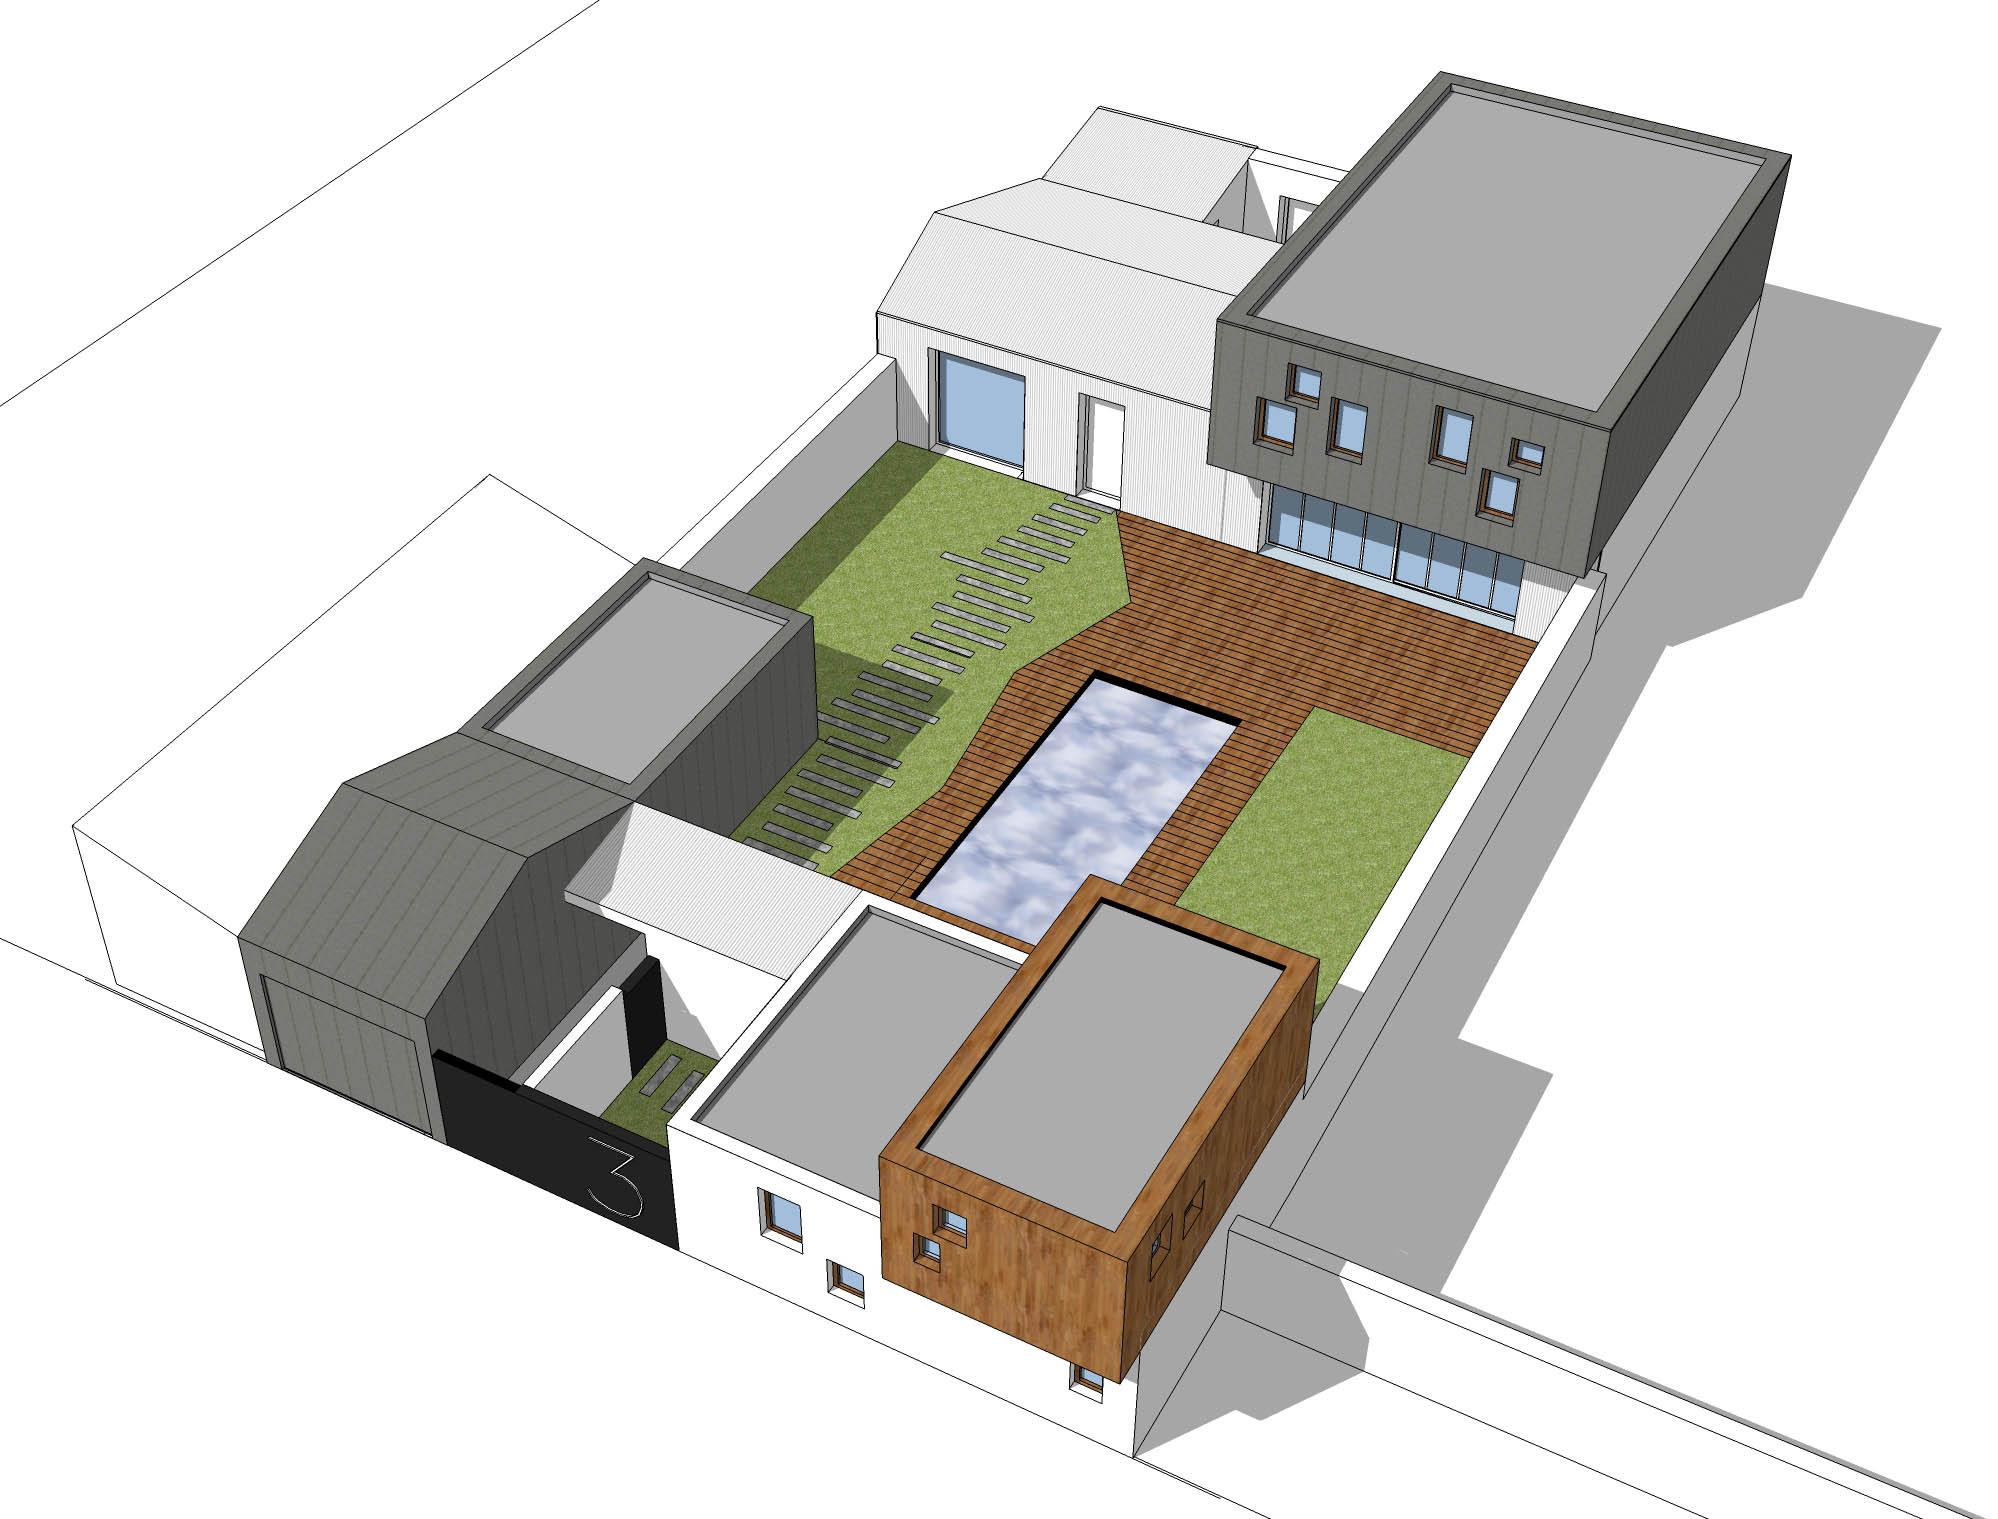 maison la rochelle 17 agence lionel coutier architecte. Black Bedroom Furniture Sets. Home Design Ideas